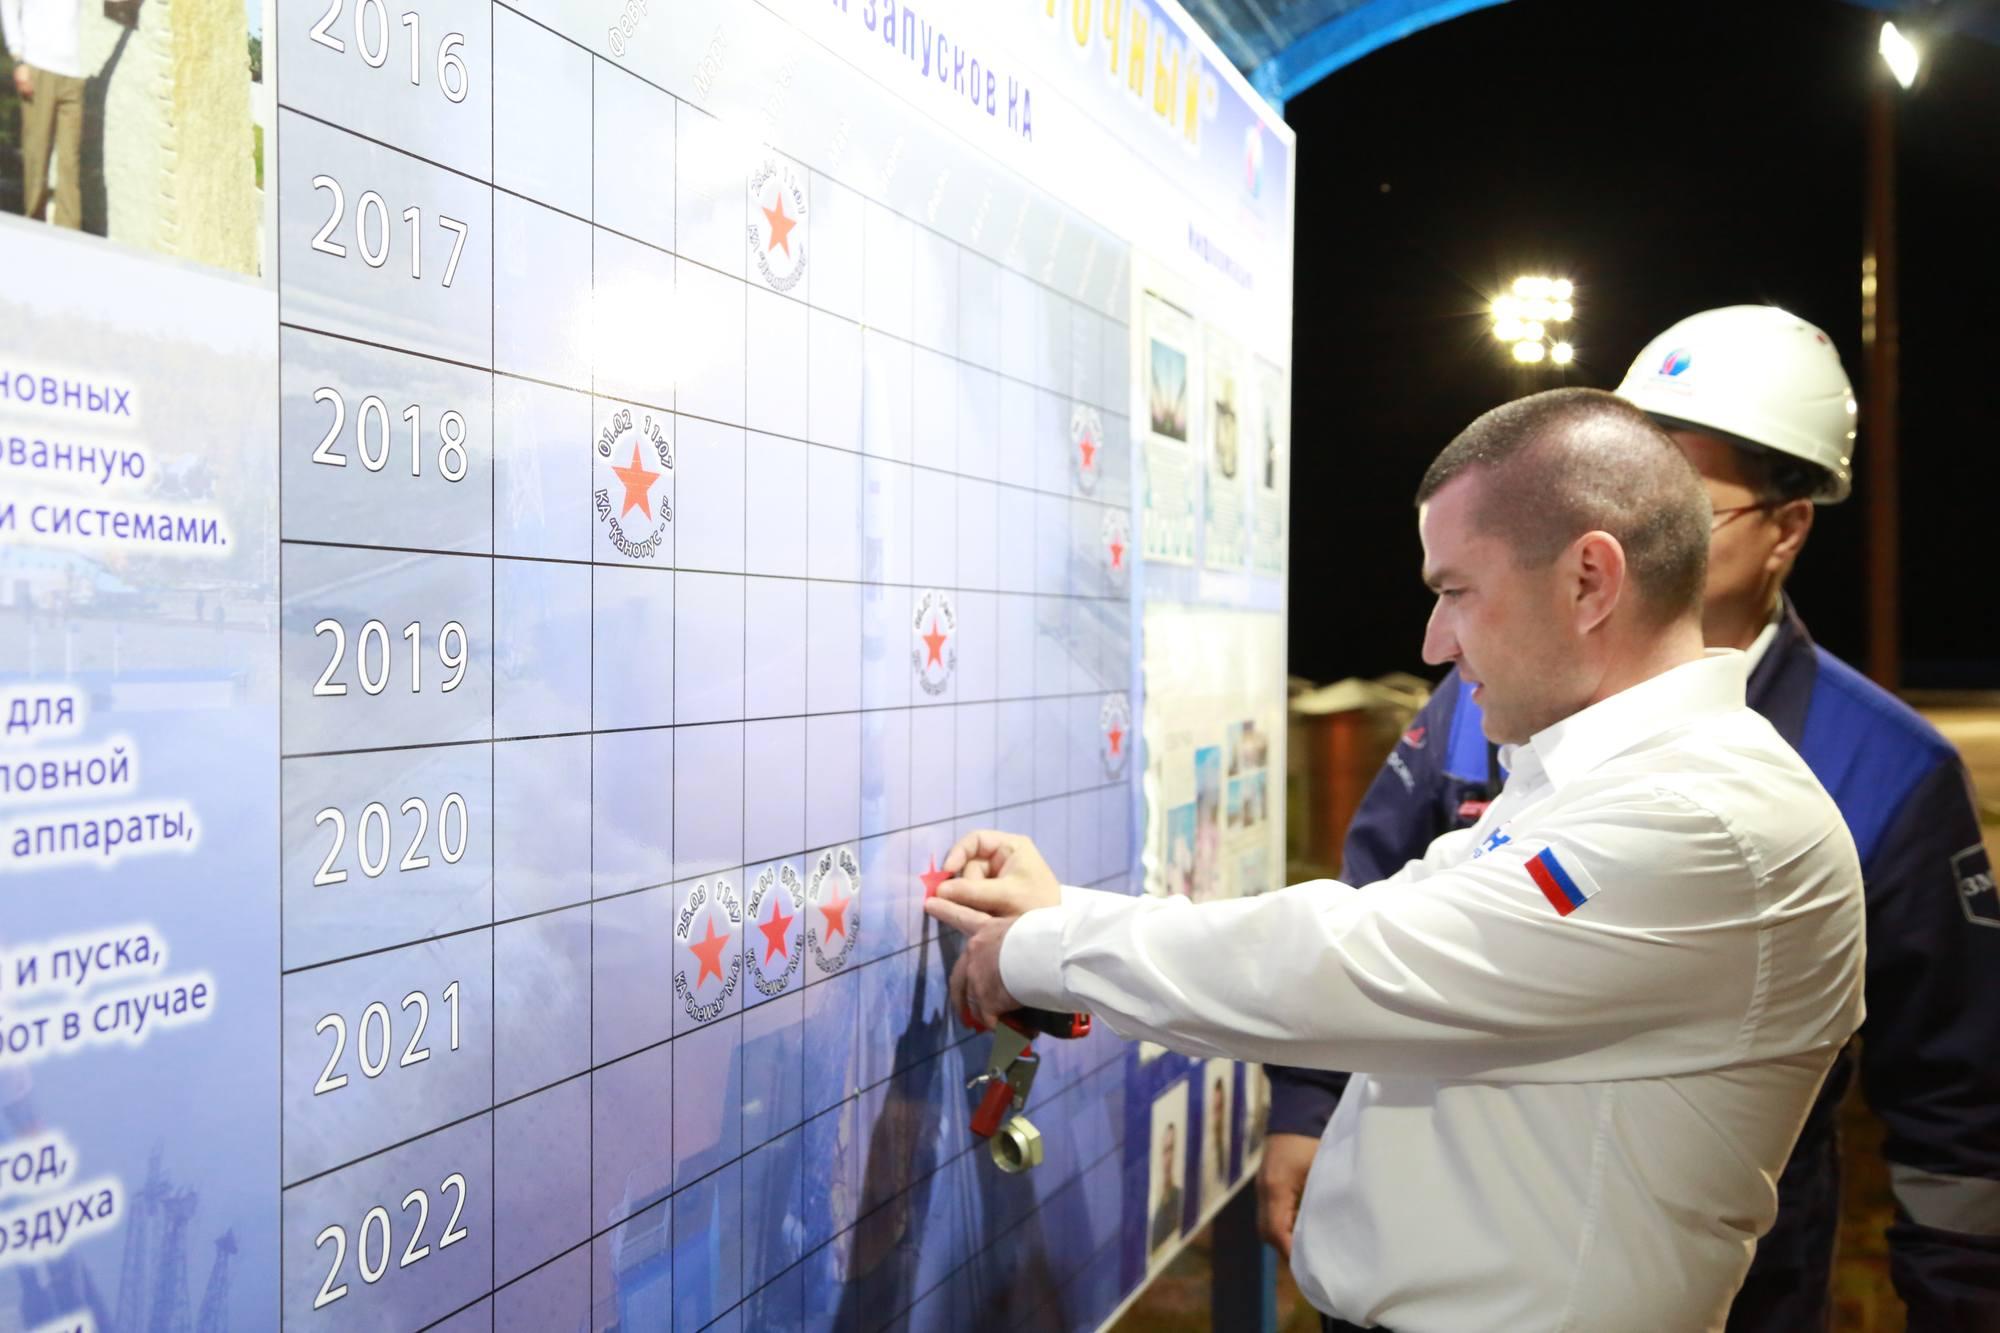 Un employé du TsENKI ajoute le lancement d'aujourd'hui sur le panneau d'affichage du pas de tir.